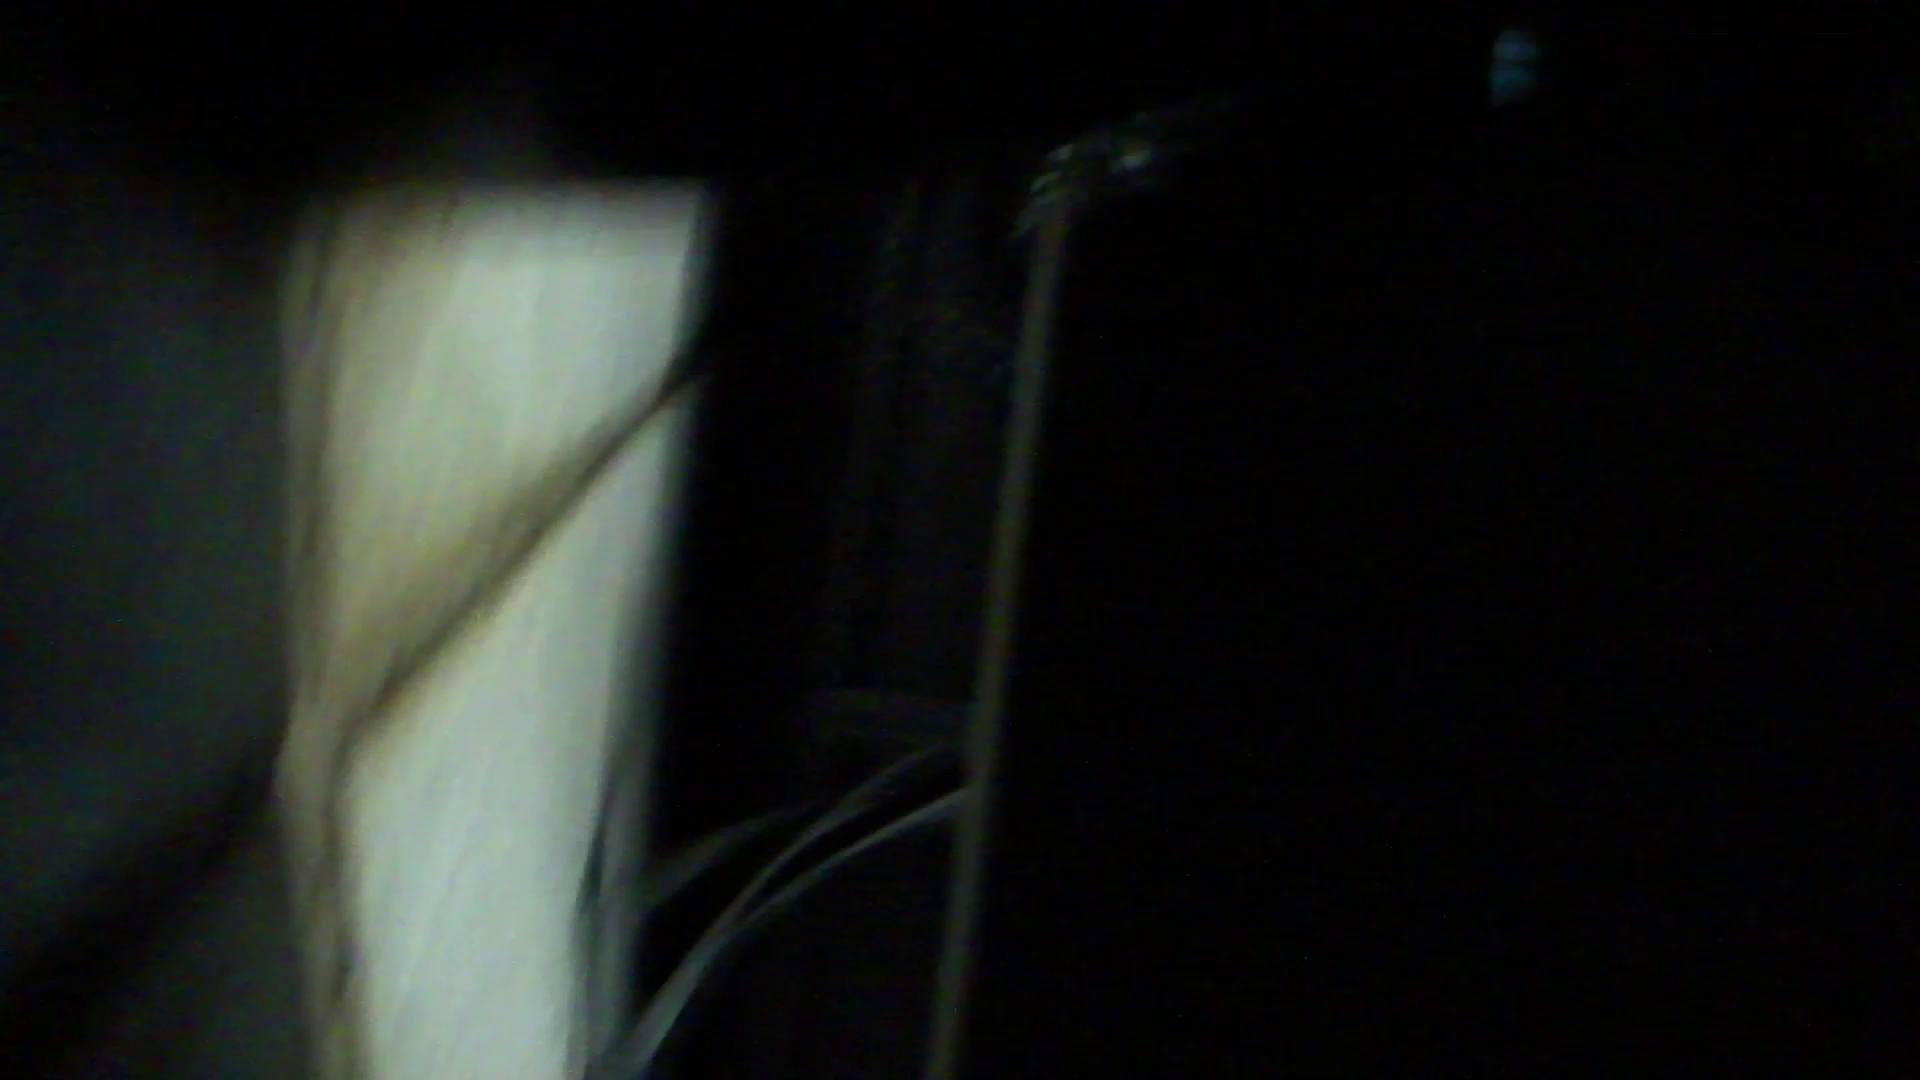 ギャルのツルピカ潜入盗撮!Vol.12 高画質動画 すけべAV動画紹介 77画像 43